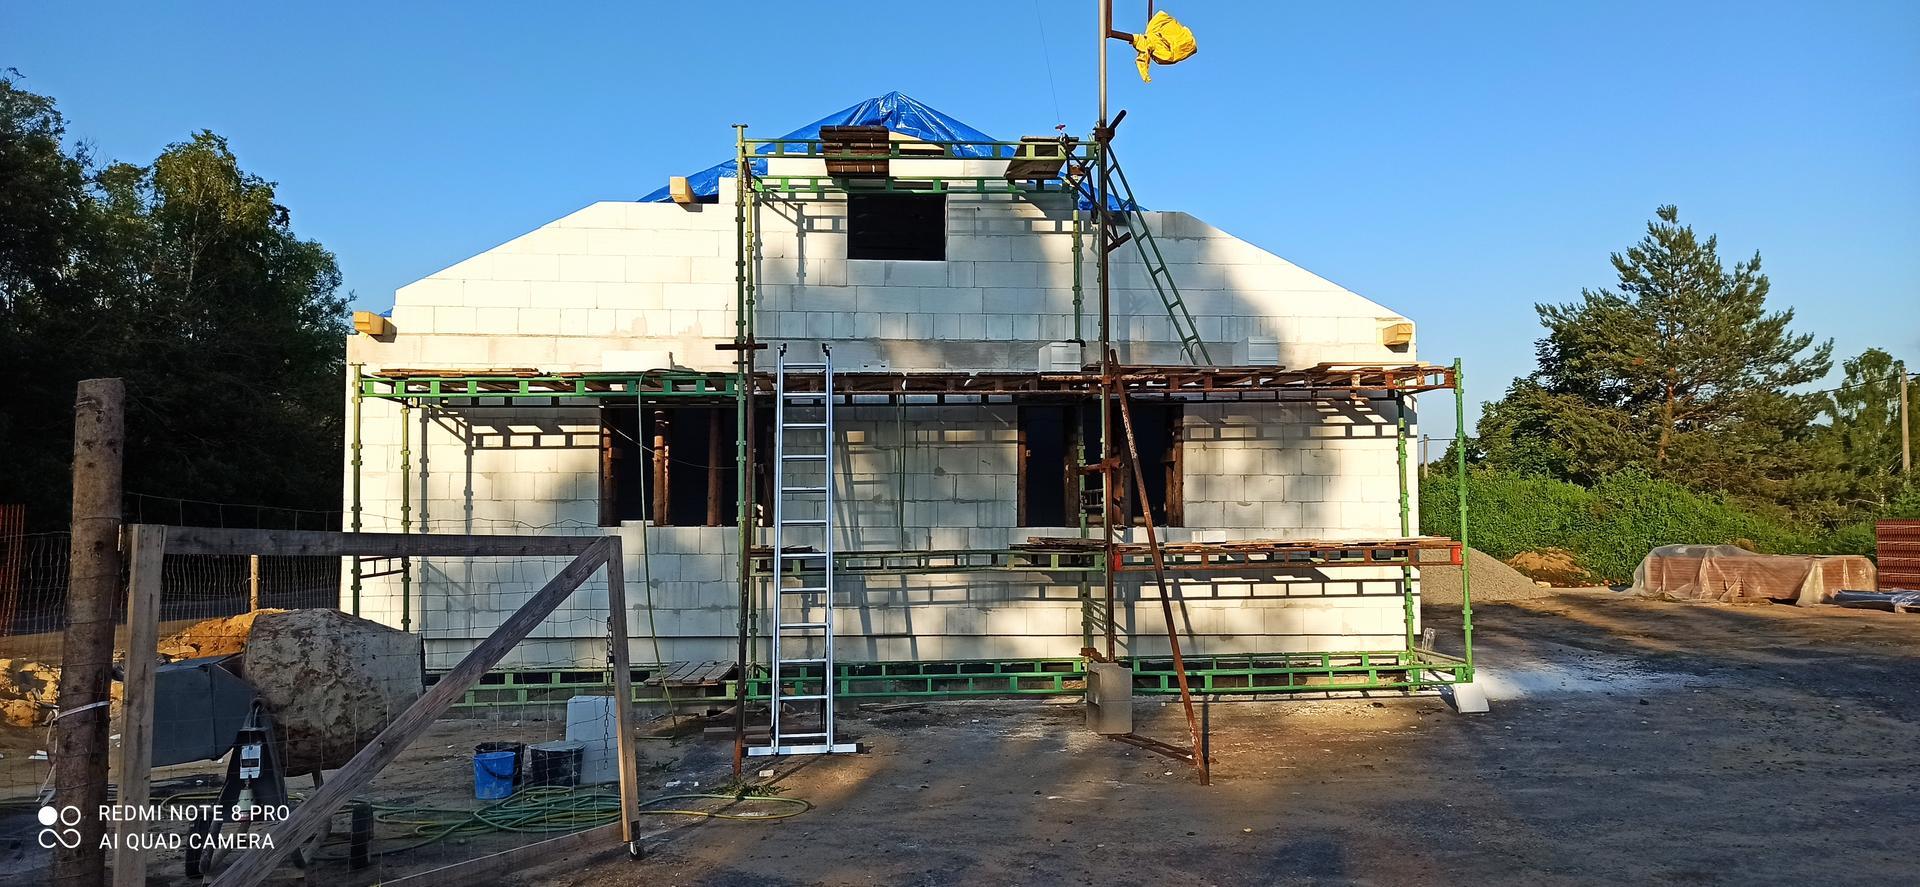 Střecha - Už to začíná vypadat jako dům, ještě ta krytina a je to 💪